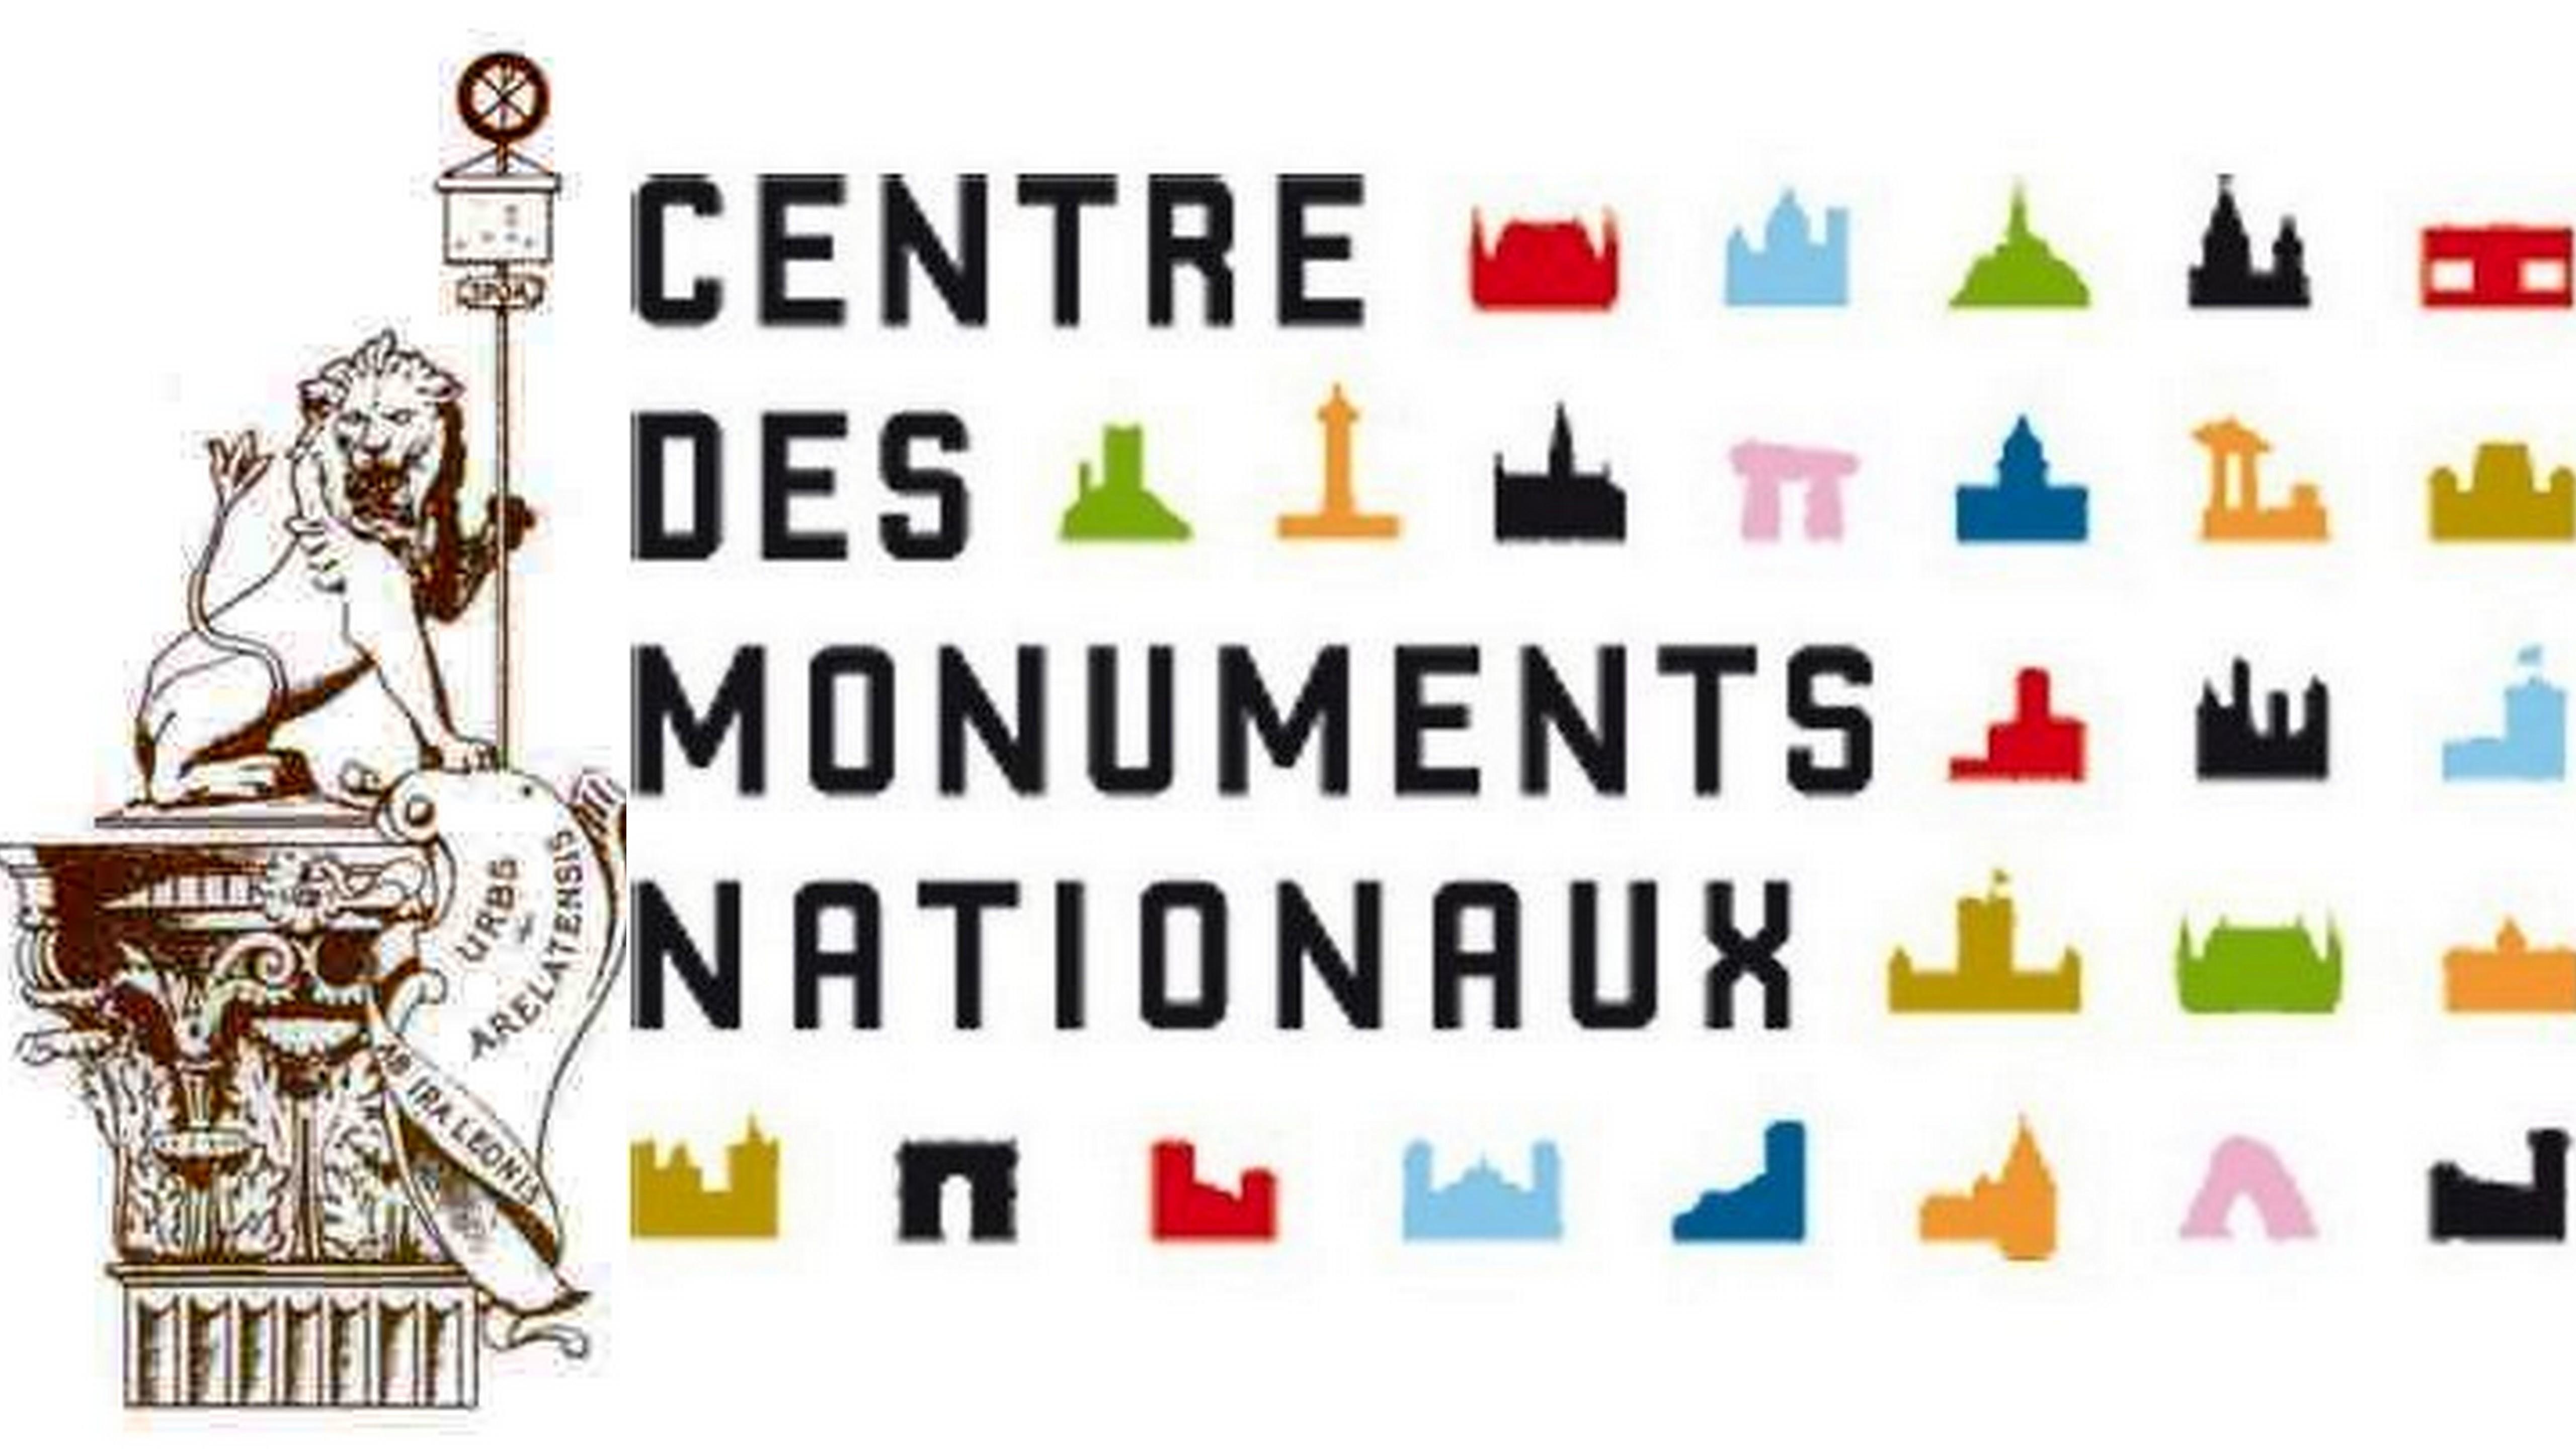 Conférence proposée par les Amis du Vieil Arles et présentée par Philippe Bélaval, président du Centre des monuments nationaux.